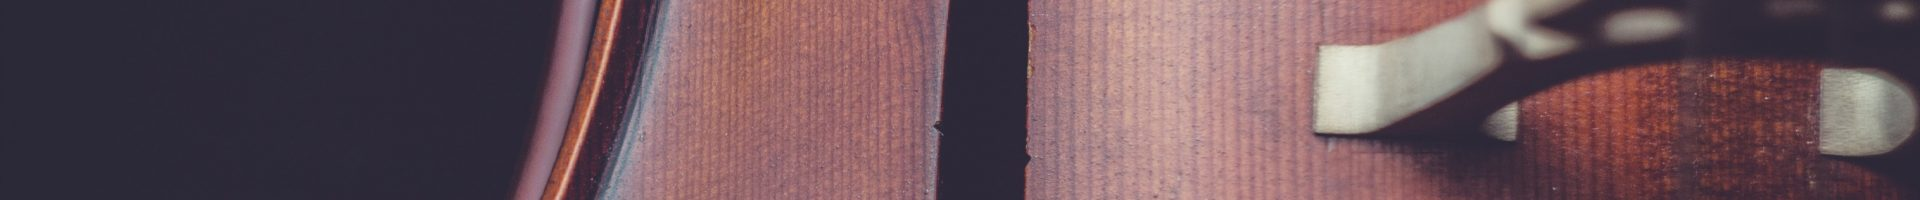 Concerto a Villadose – Estate con gli archi